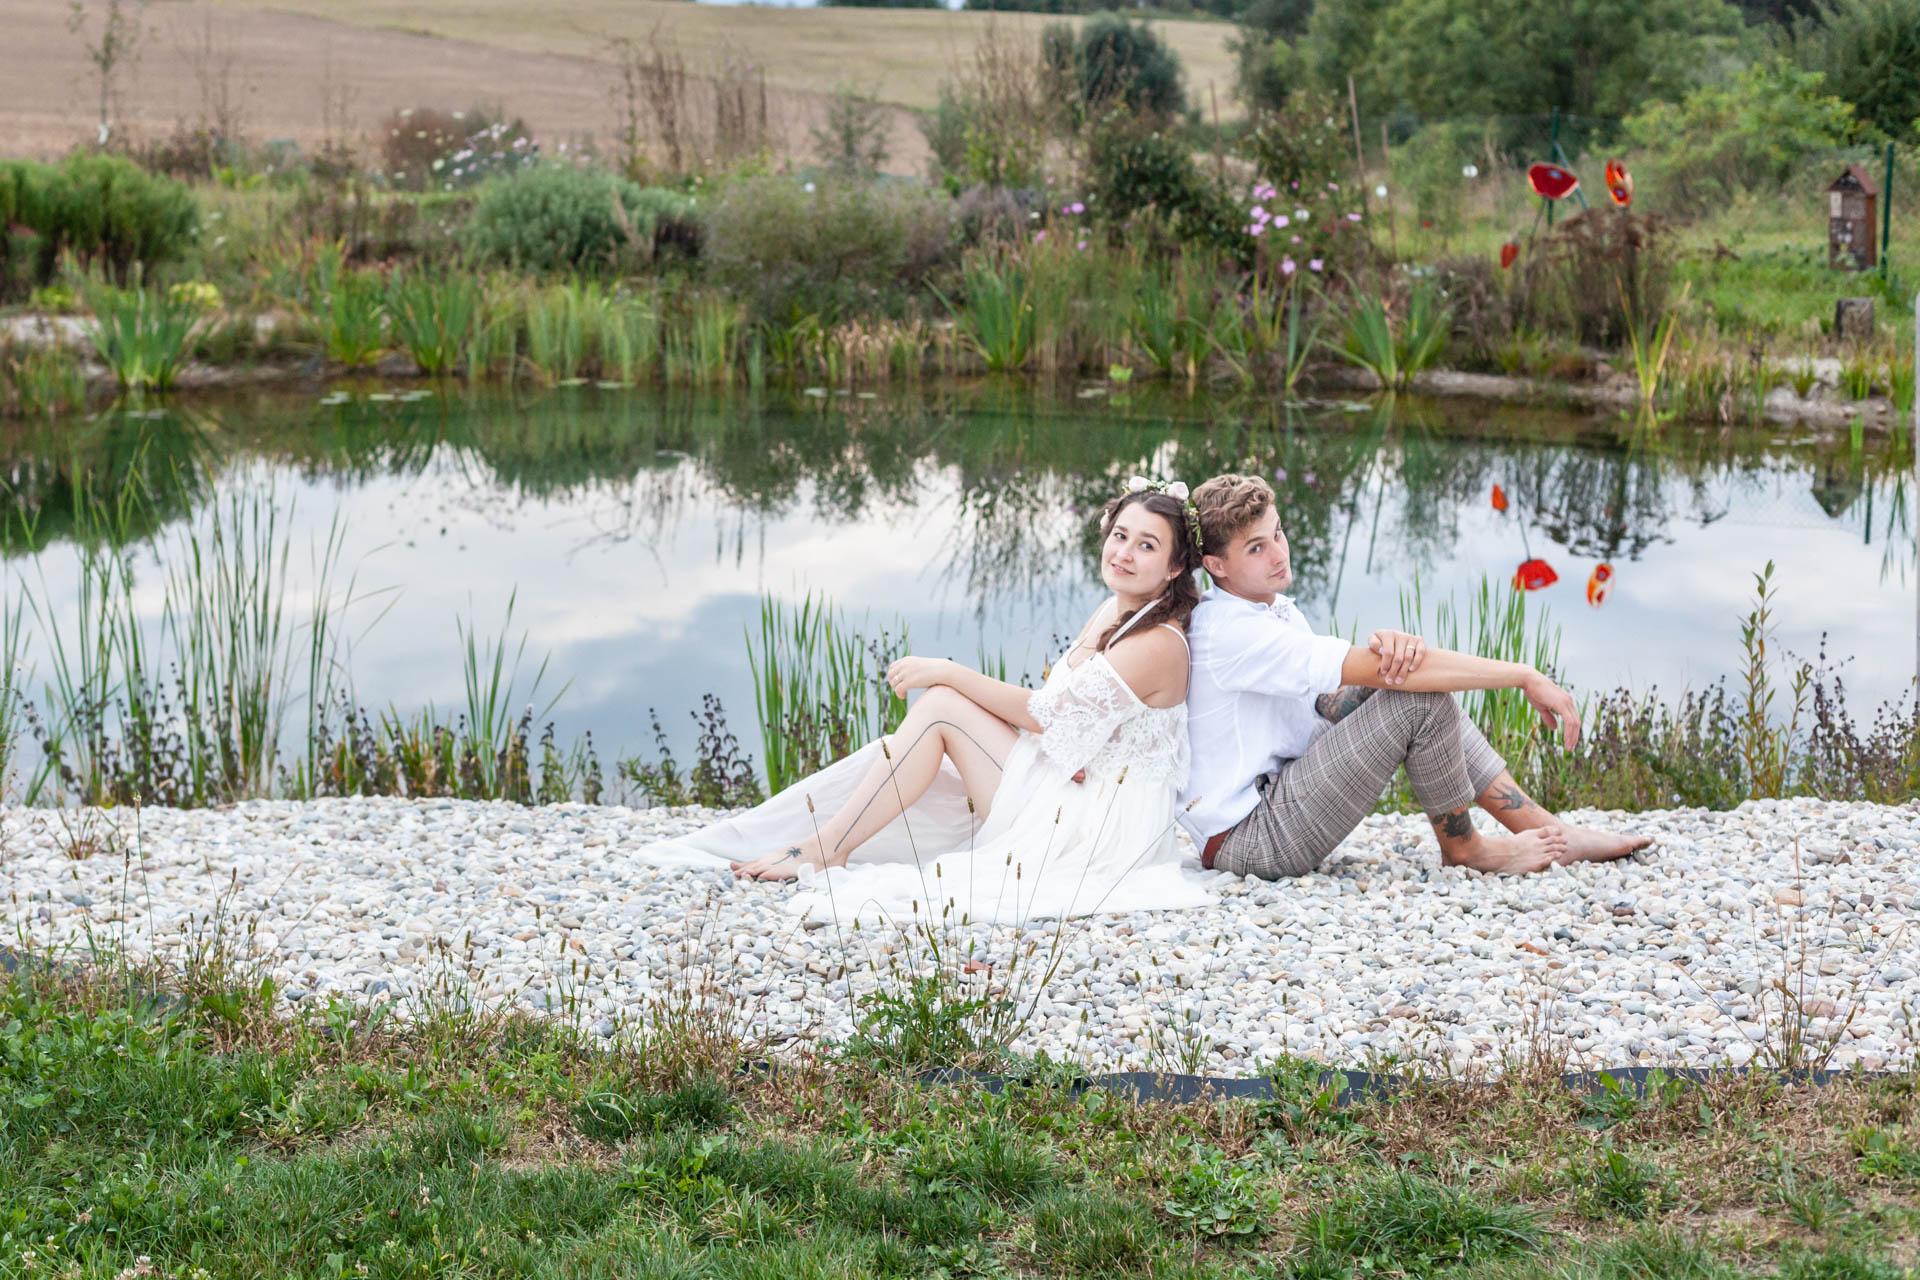 Svatba v přírodě - zahrada Anastazie Jižní Čechy - Káťa a Kuba